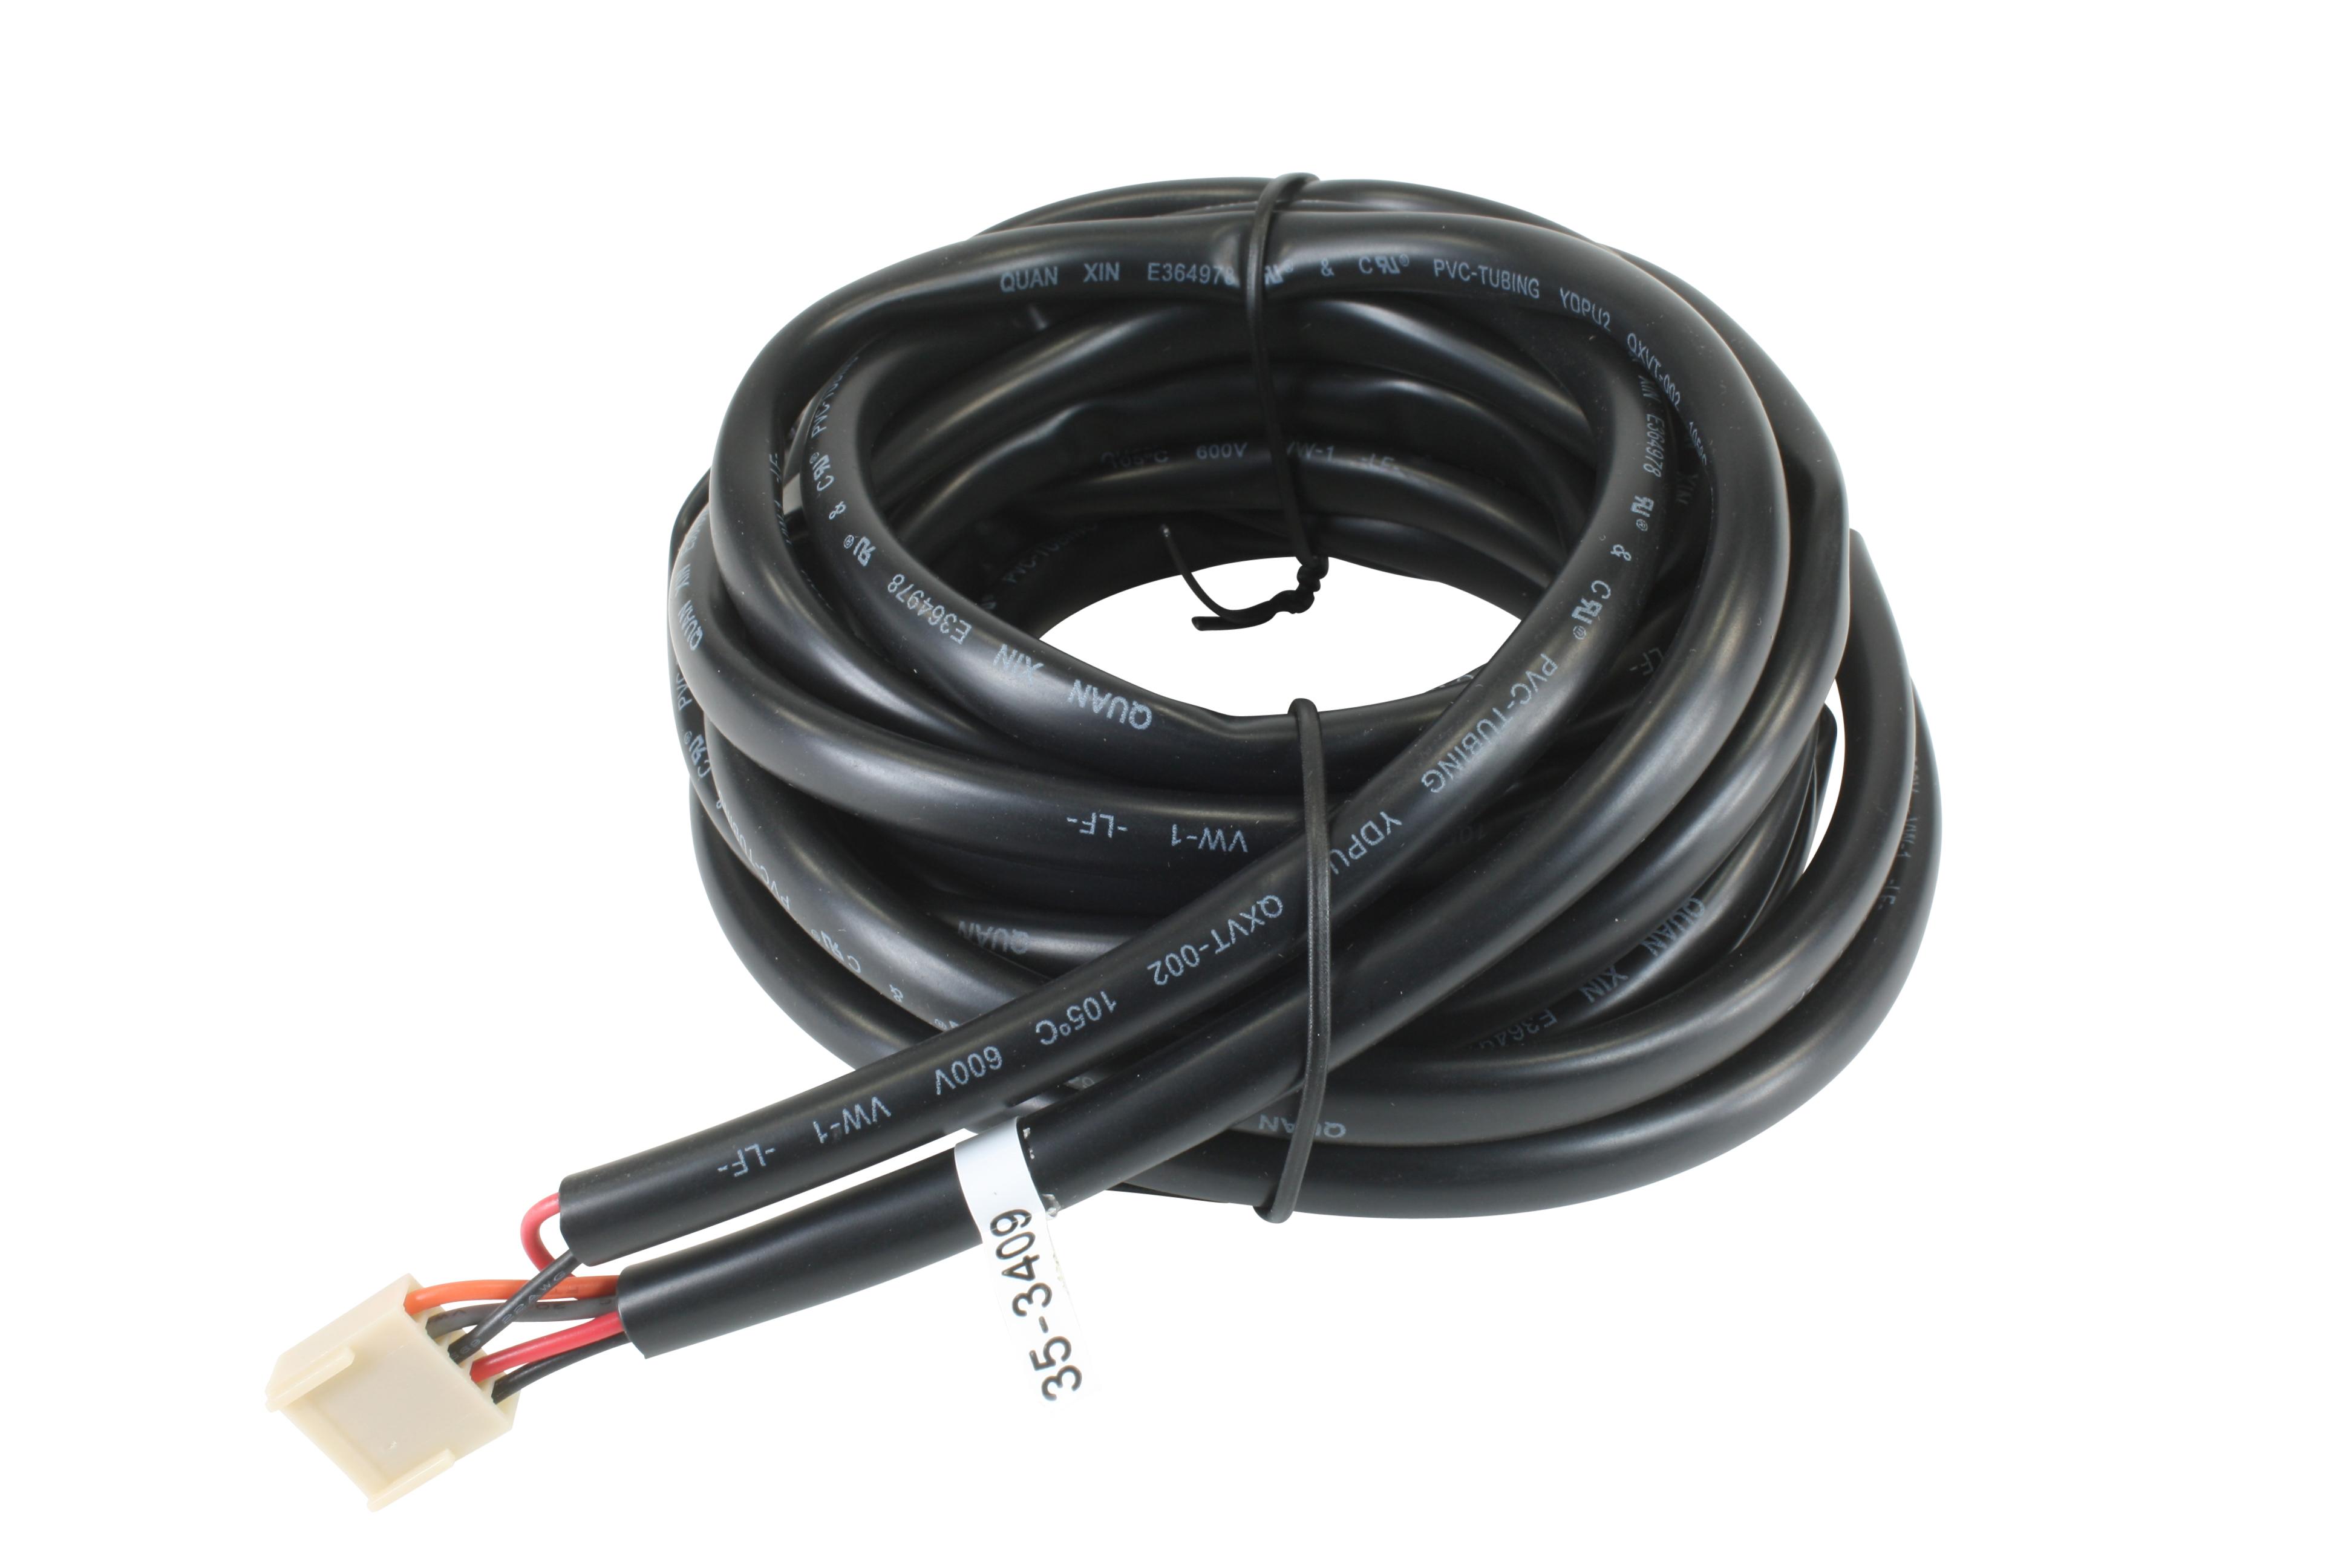 aem tru boost replacement wiring harness 35 3409 turbomotiv rh turbomotiv com aem wideband wiring harness aem boost gauge wiring harness